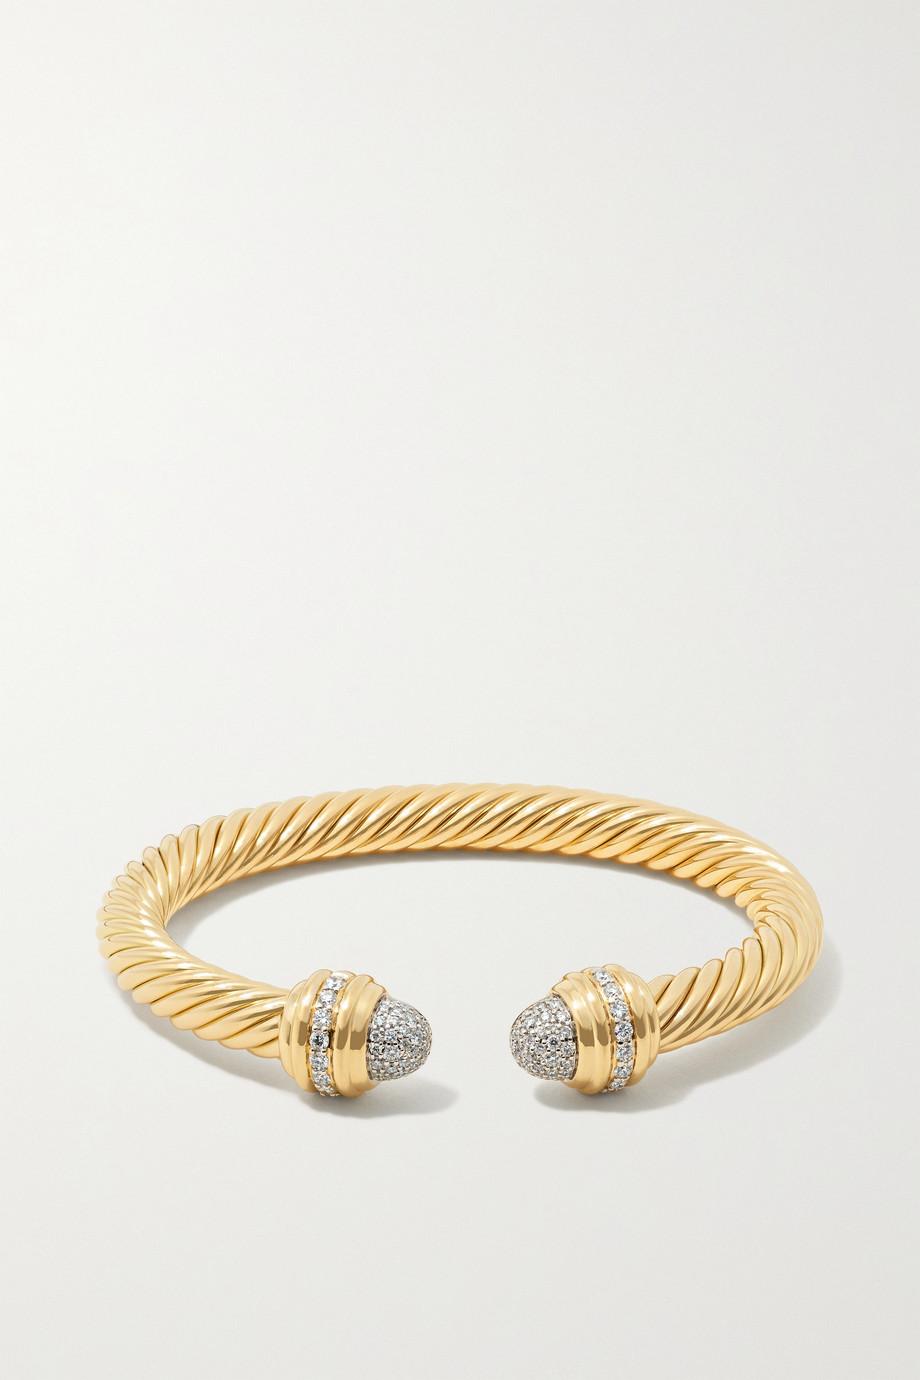 David Yurman Bracelet en or 18 carats et diamants Cable